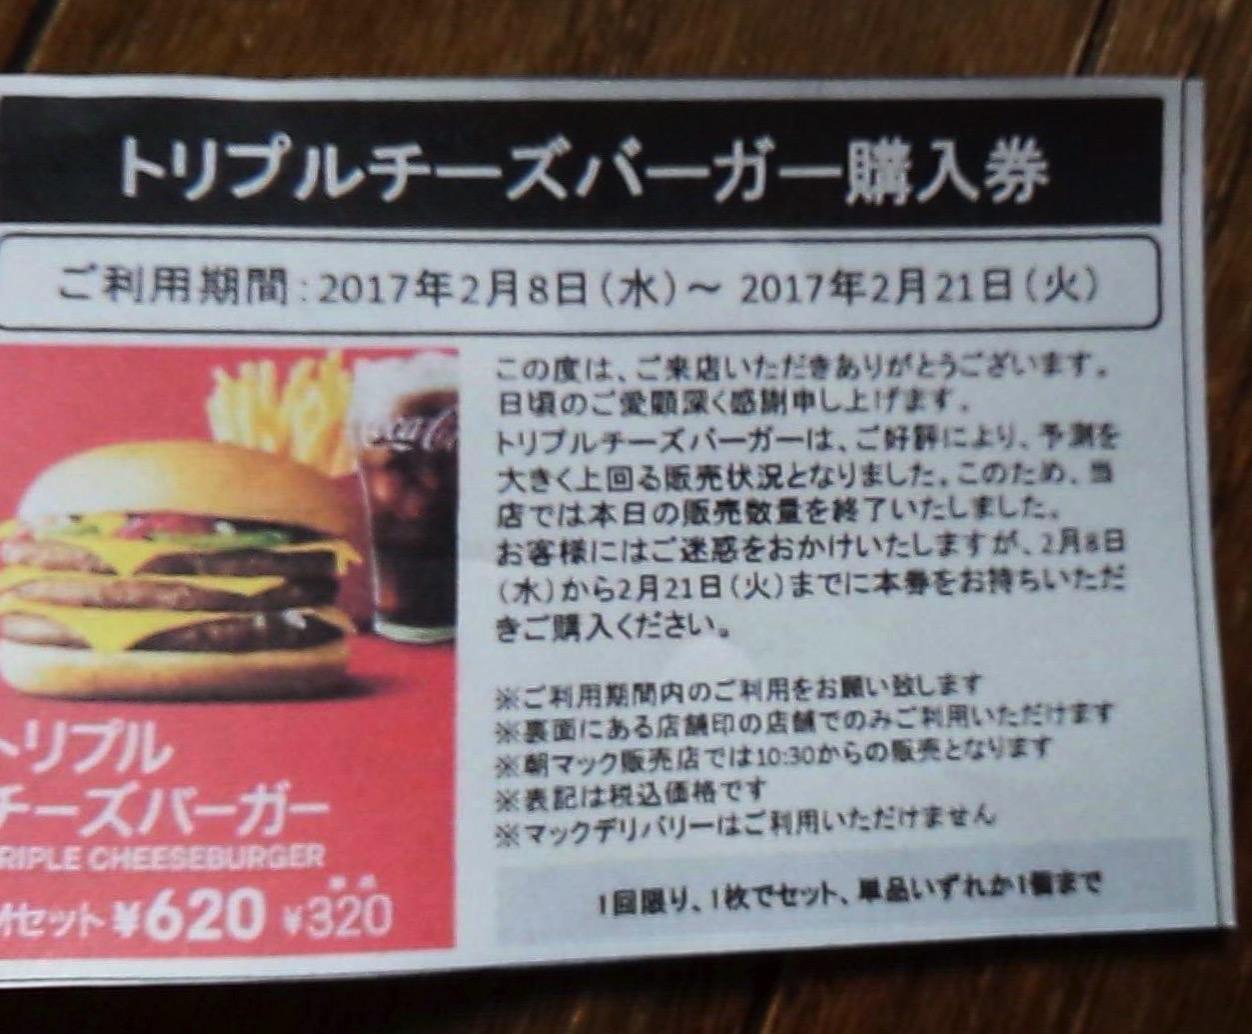 「トリプルチーズバーガー」売れすぎて販売休止の店舗も!期間限定の購入券を配布へ